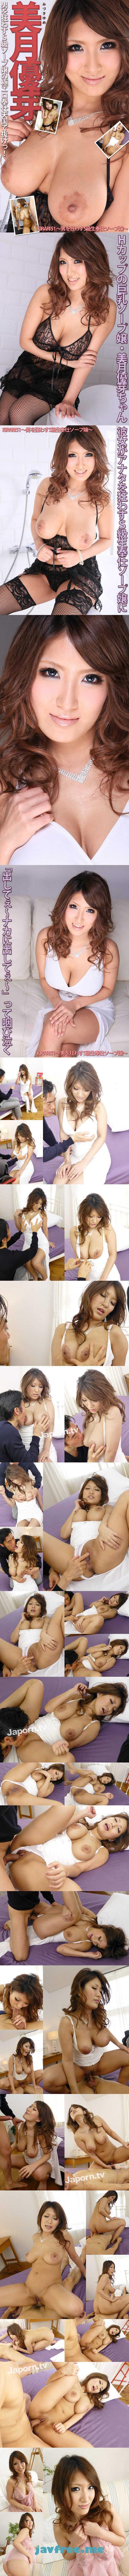 [MKD S51] KIRARI 51 ~男を狂わすS級生奉仕ソープ嬢~ : 美月優芽  美月優芽 Yume Mizuki MKD